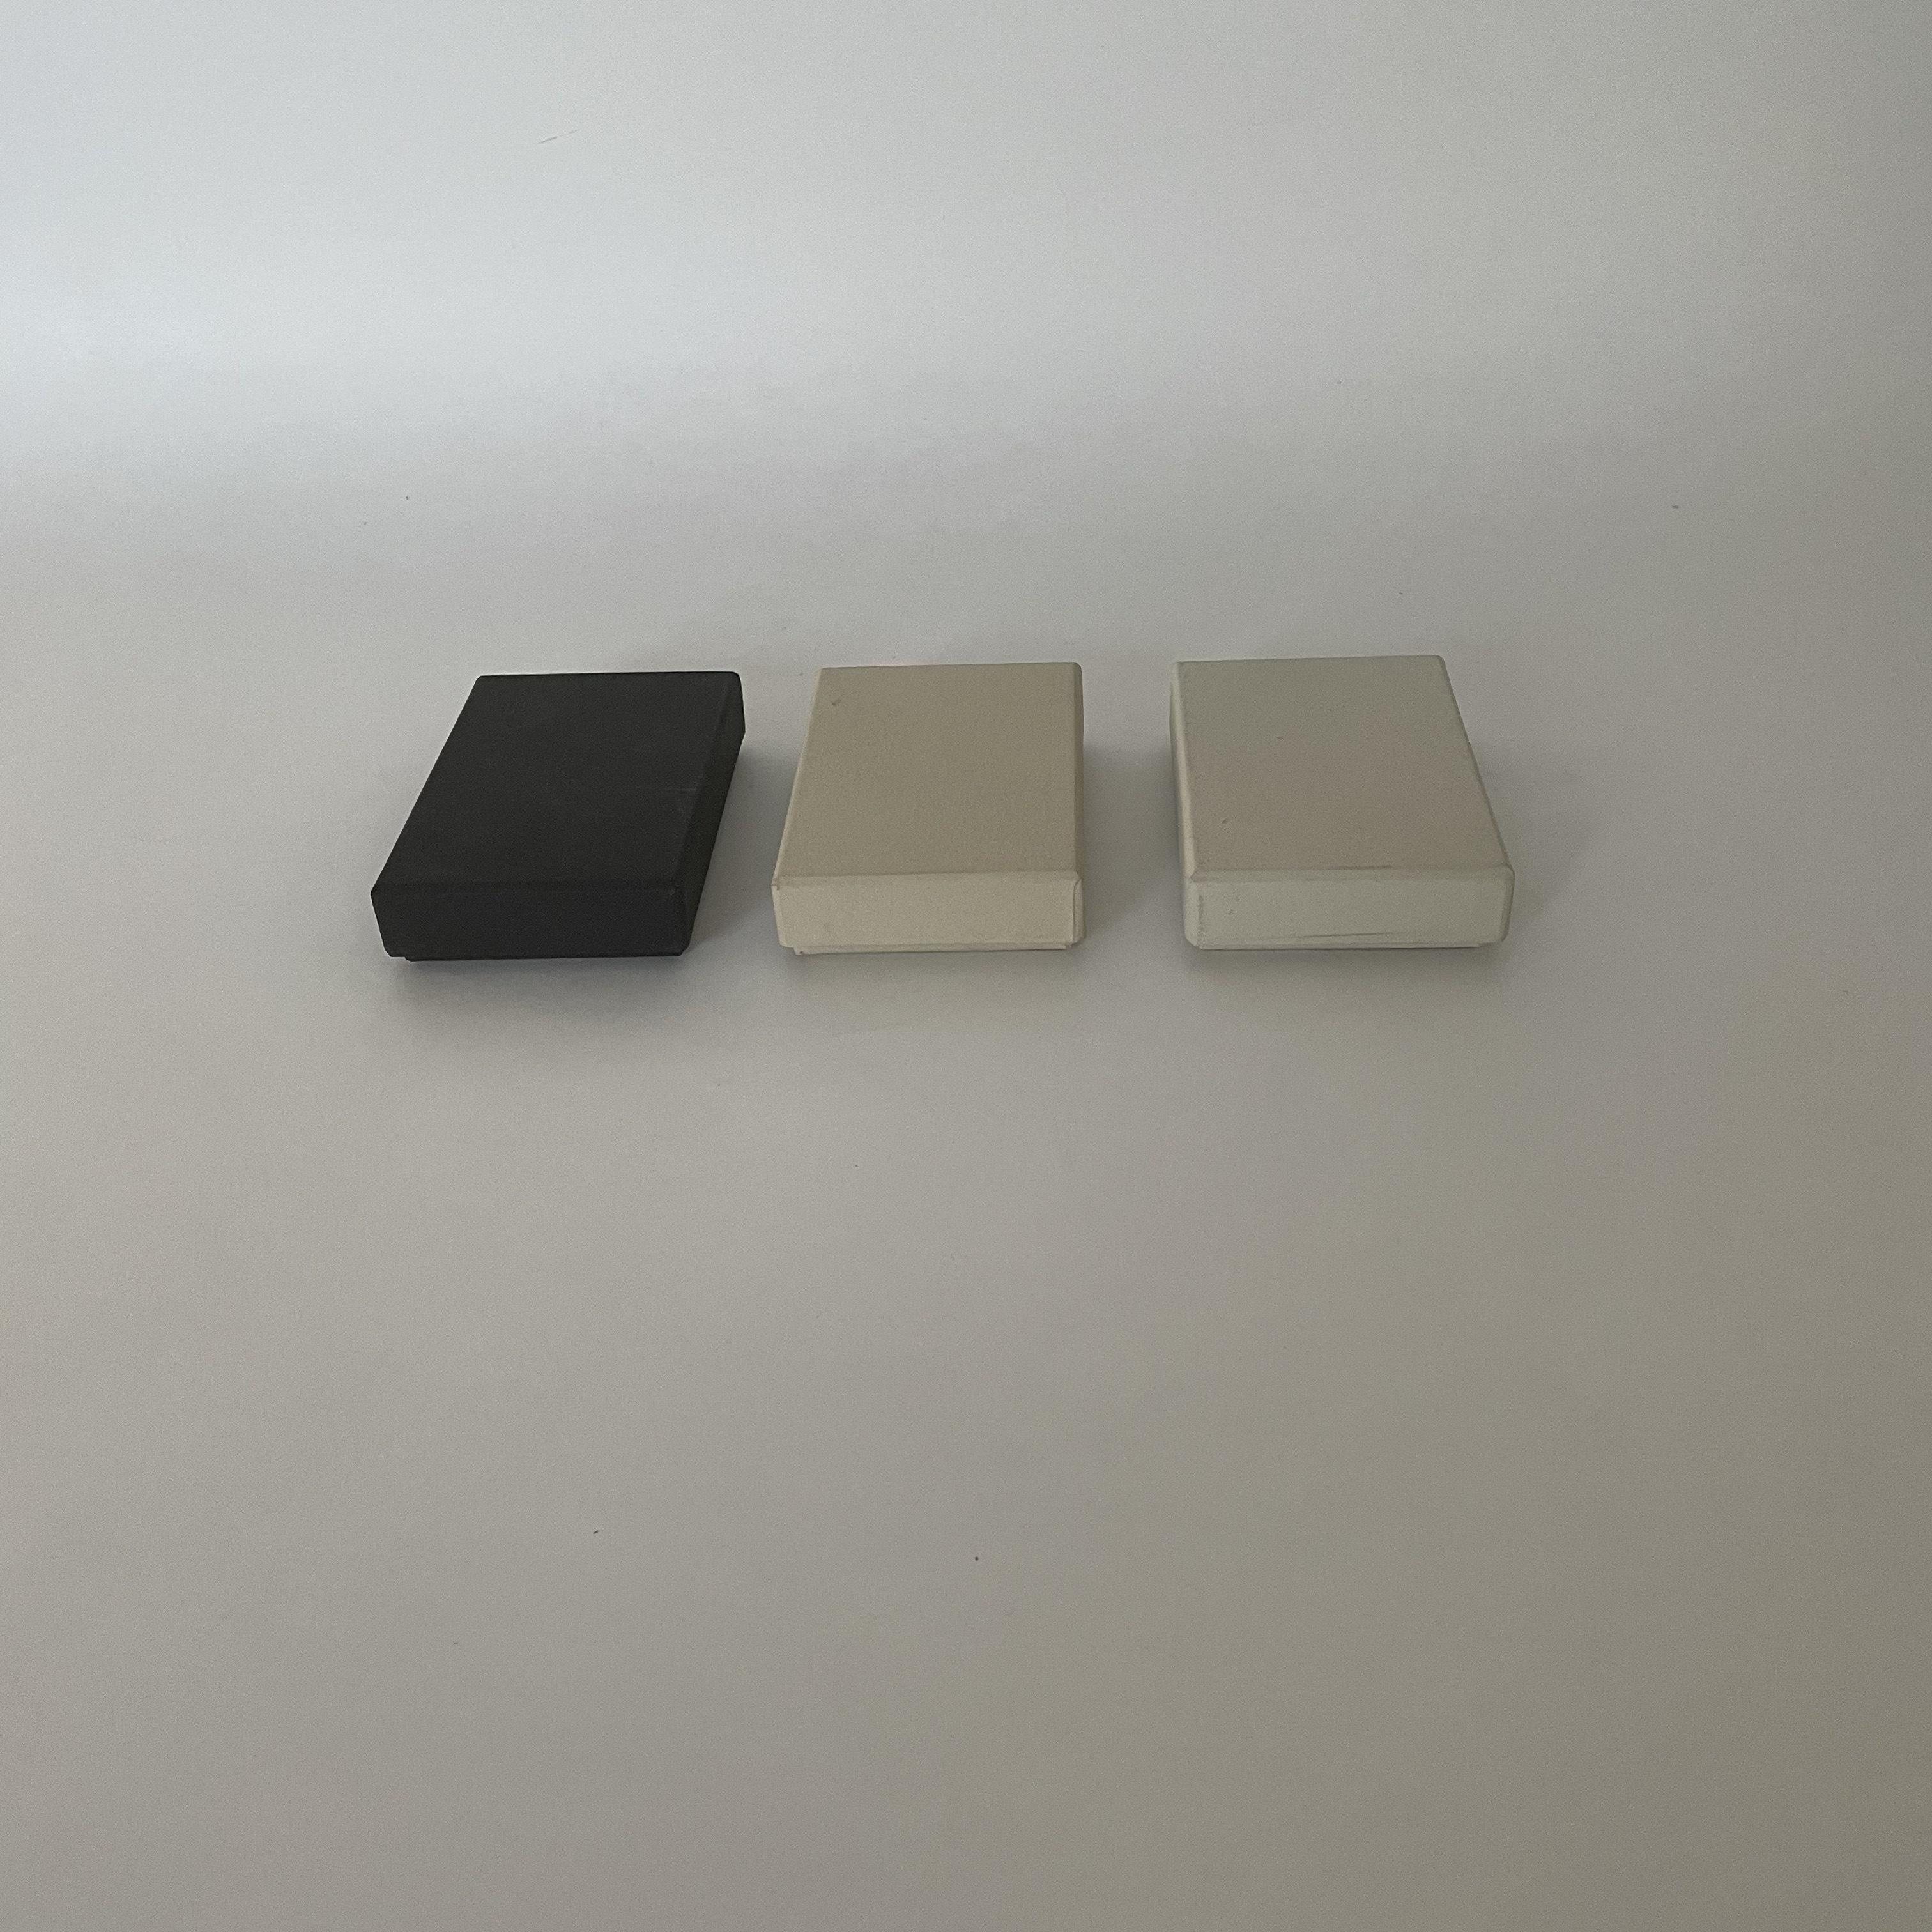 ハタノワタル  名刺サイズ (浅)   紙箱